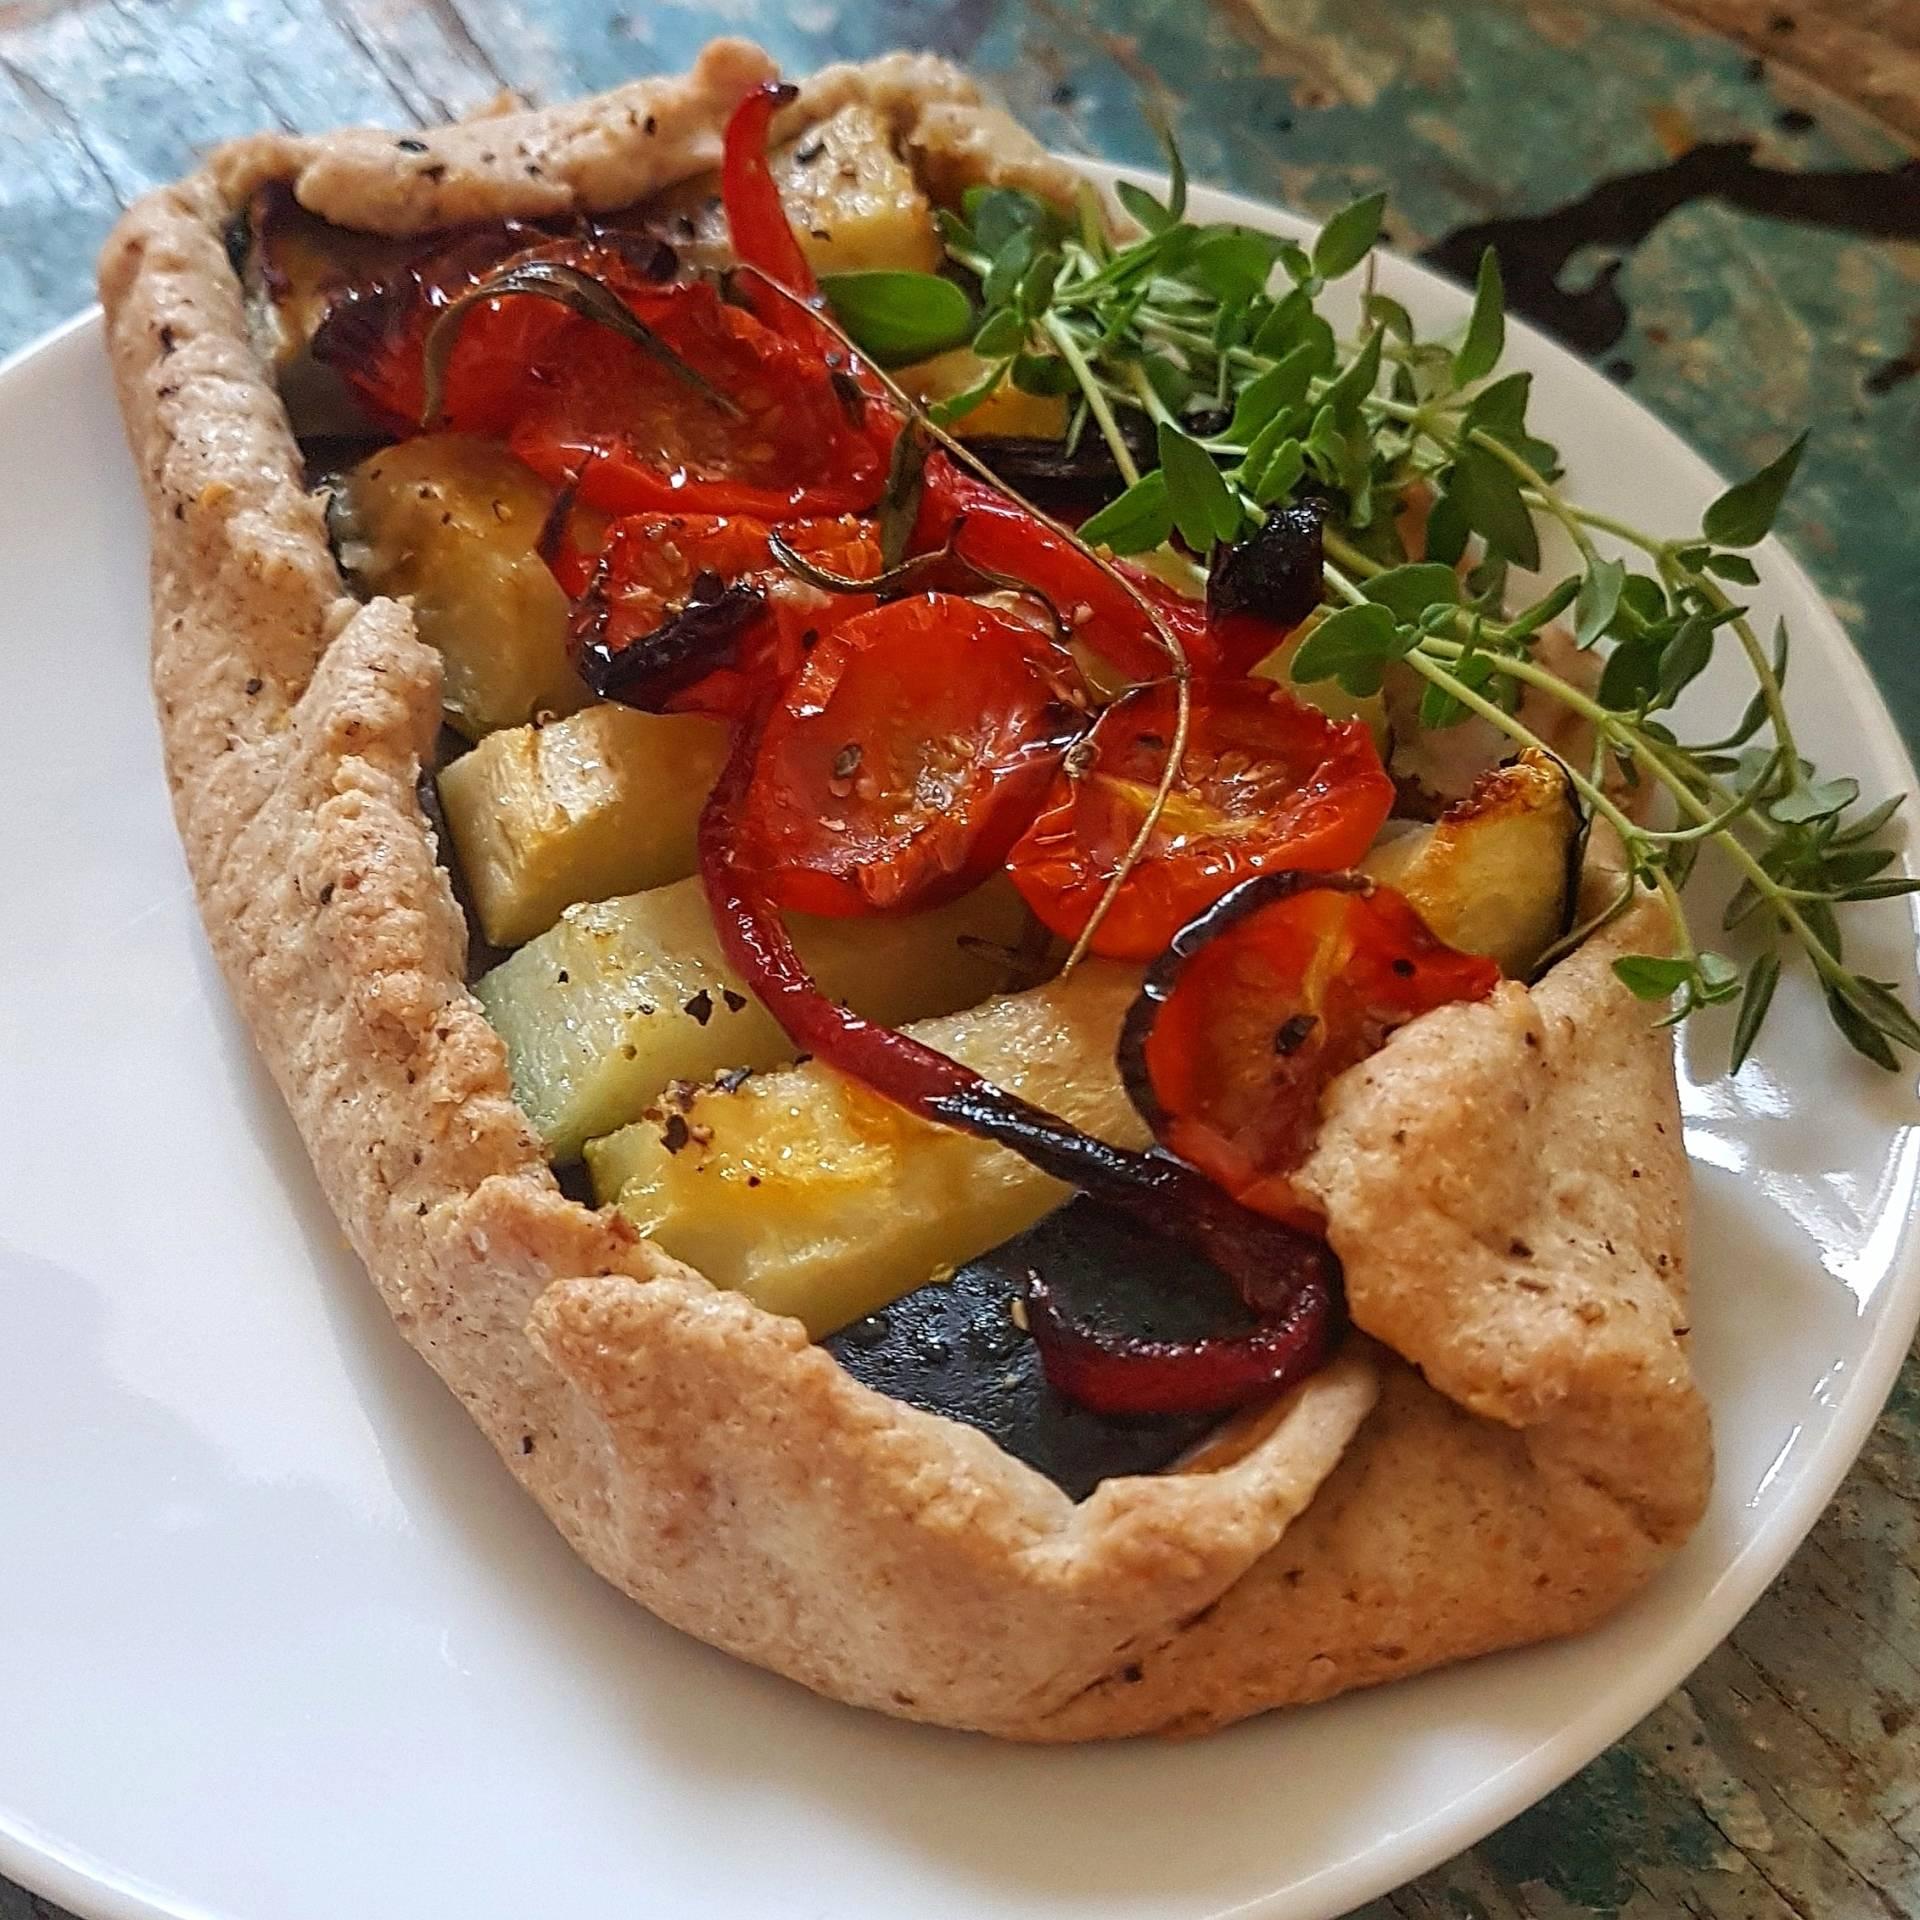 Gorgonzola i grillowane warzywa na kruchym cieście - przepis Agnieszki Żelazko.